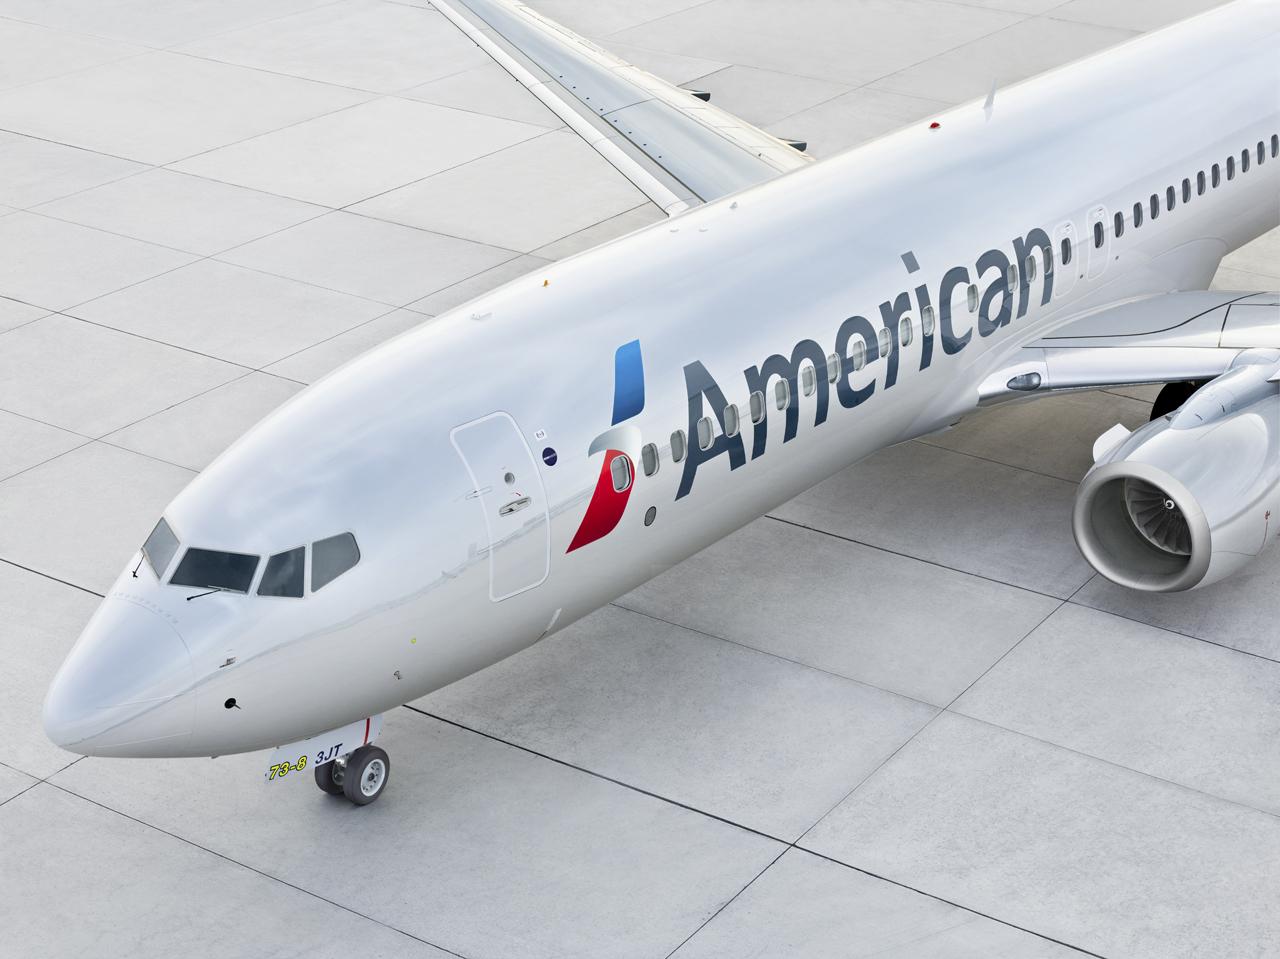 6d9762a406fb Maior companhia aérea do mundo tem quase 1.000 aviões; veja ranking ...